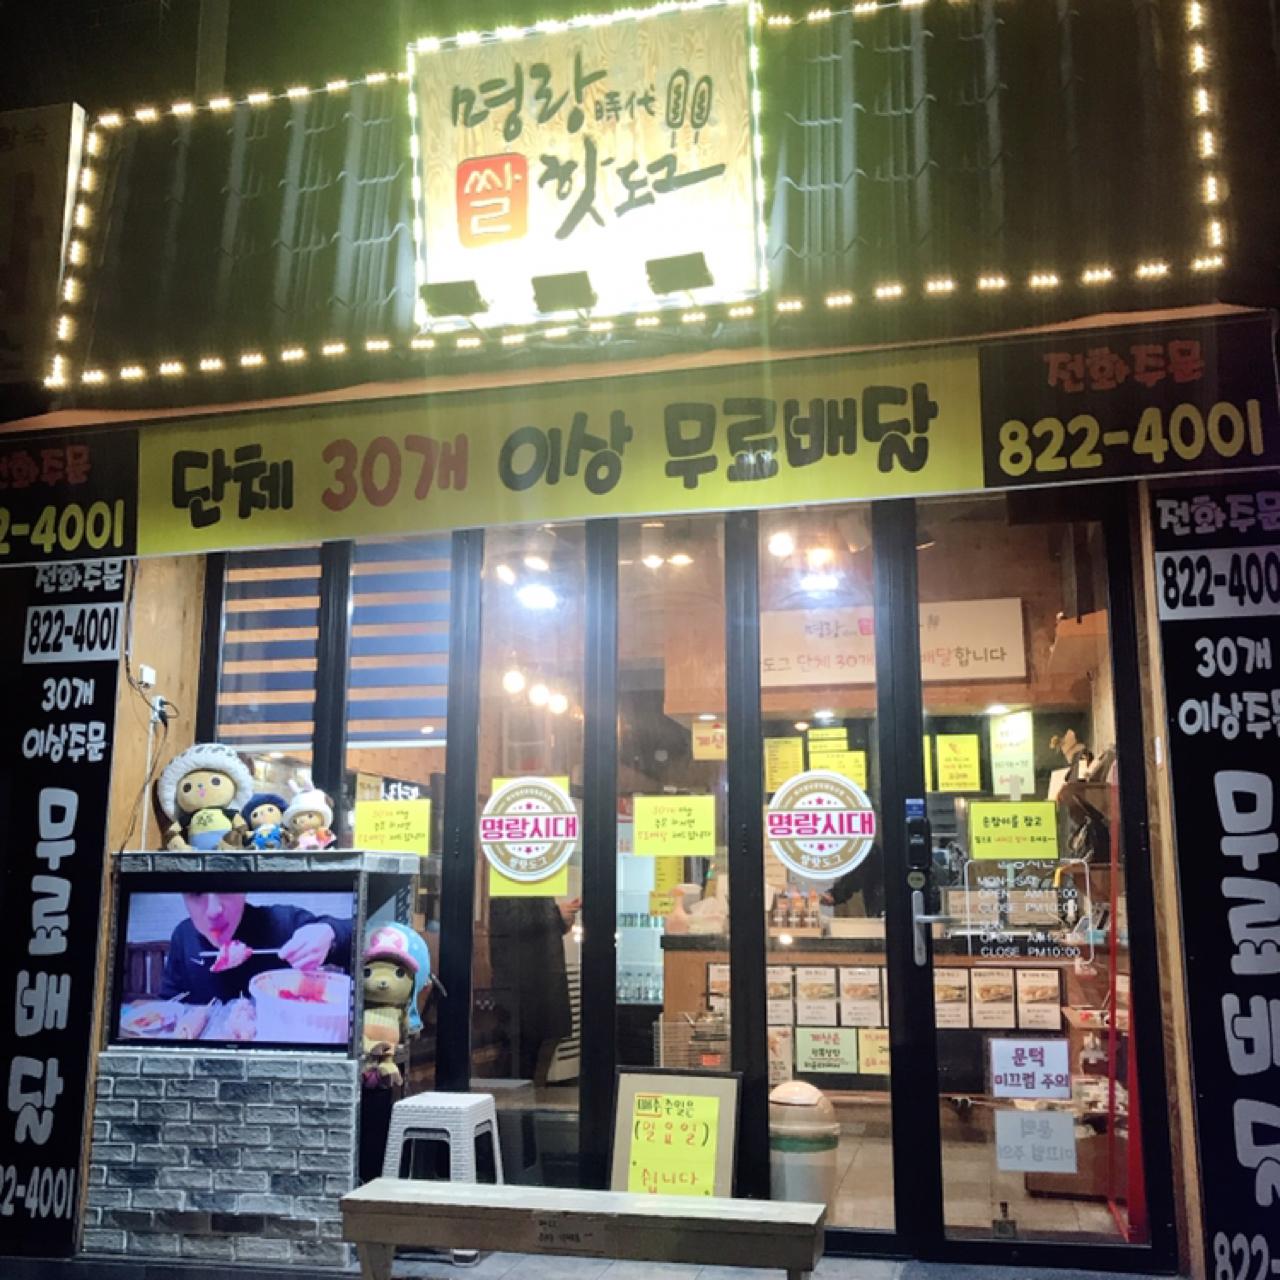 명랑핫도그 대전버드내점 / 태평2동주민센터 맞은편